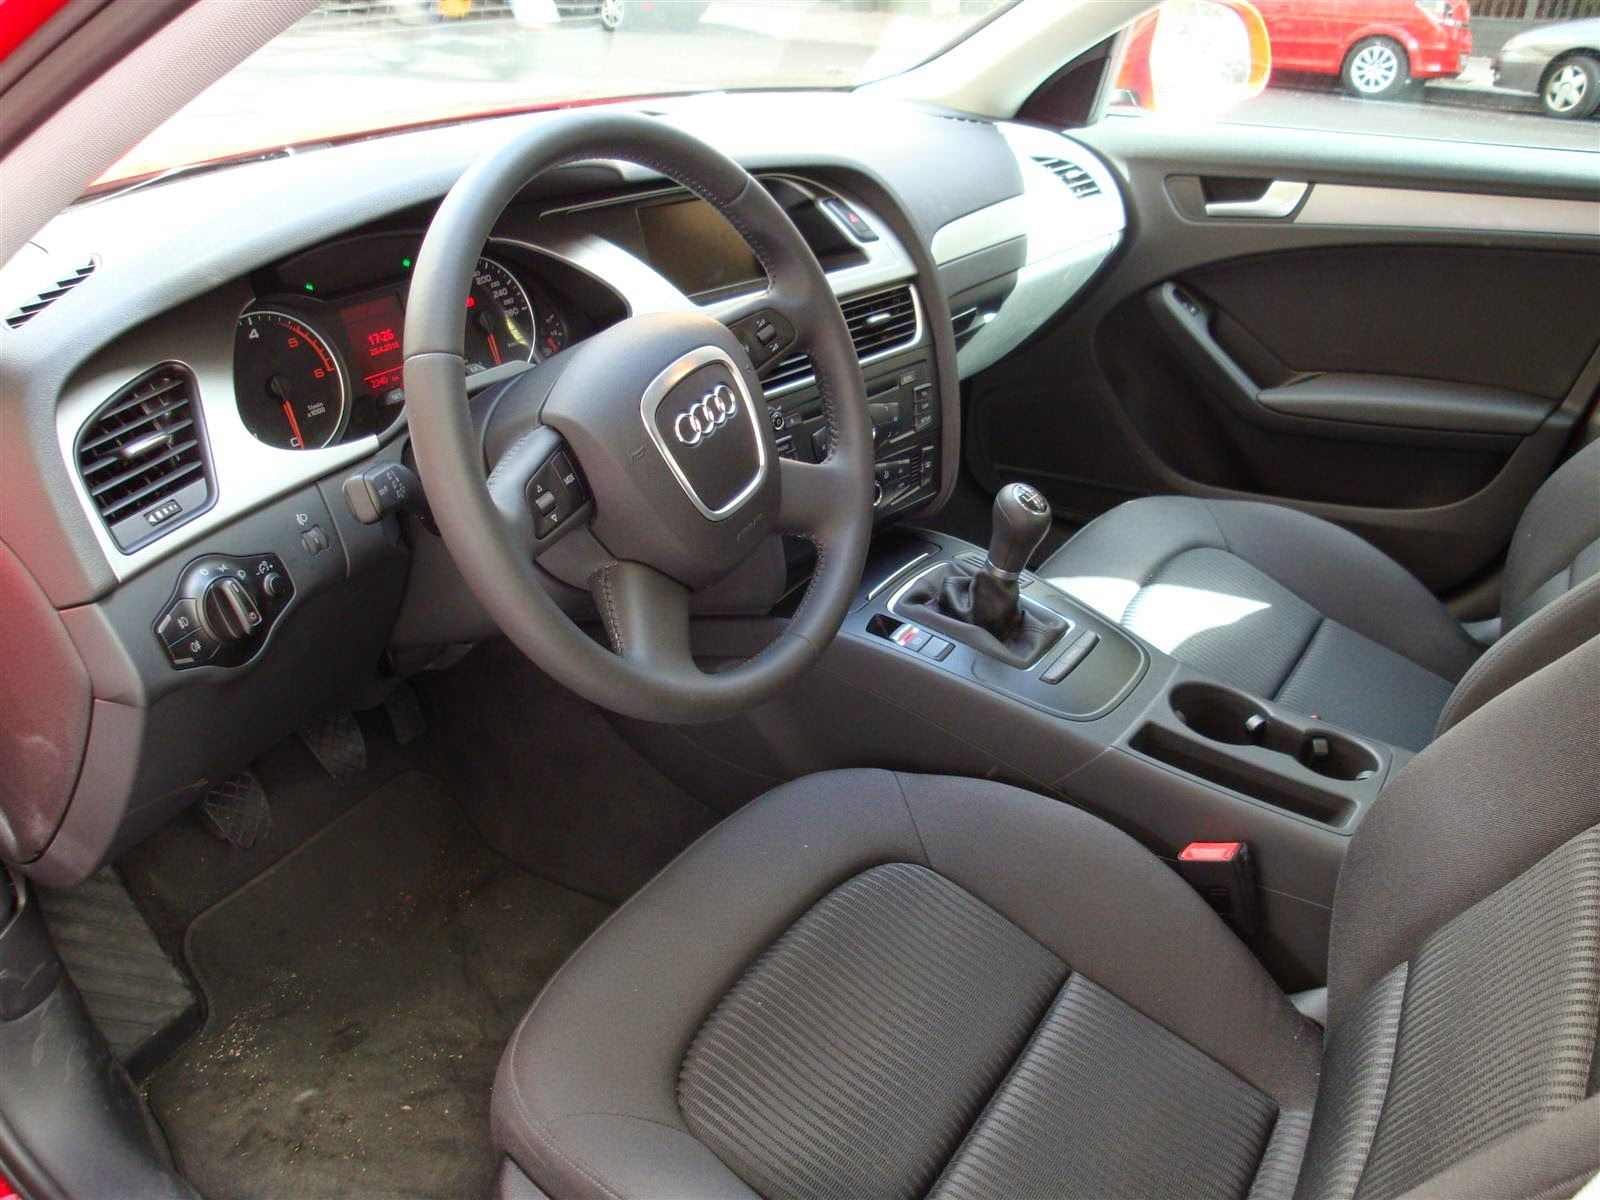 Audi A4 2.0 TDI 120 CV interior